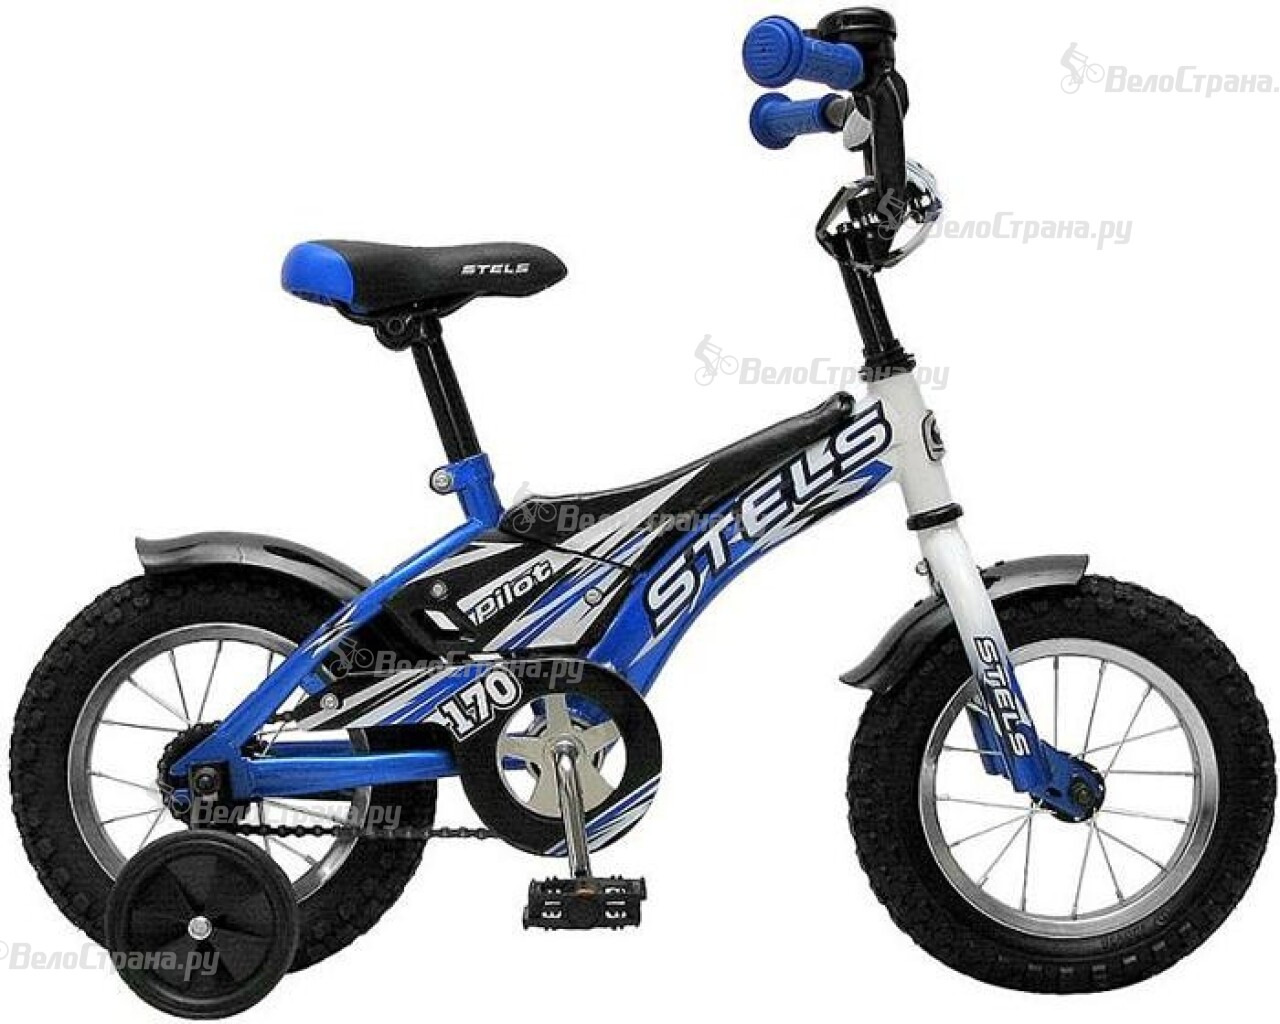 Велосипед Stels Pilot 170 12 (2015) велосипед stels pilot 170 12 2017